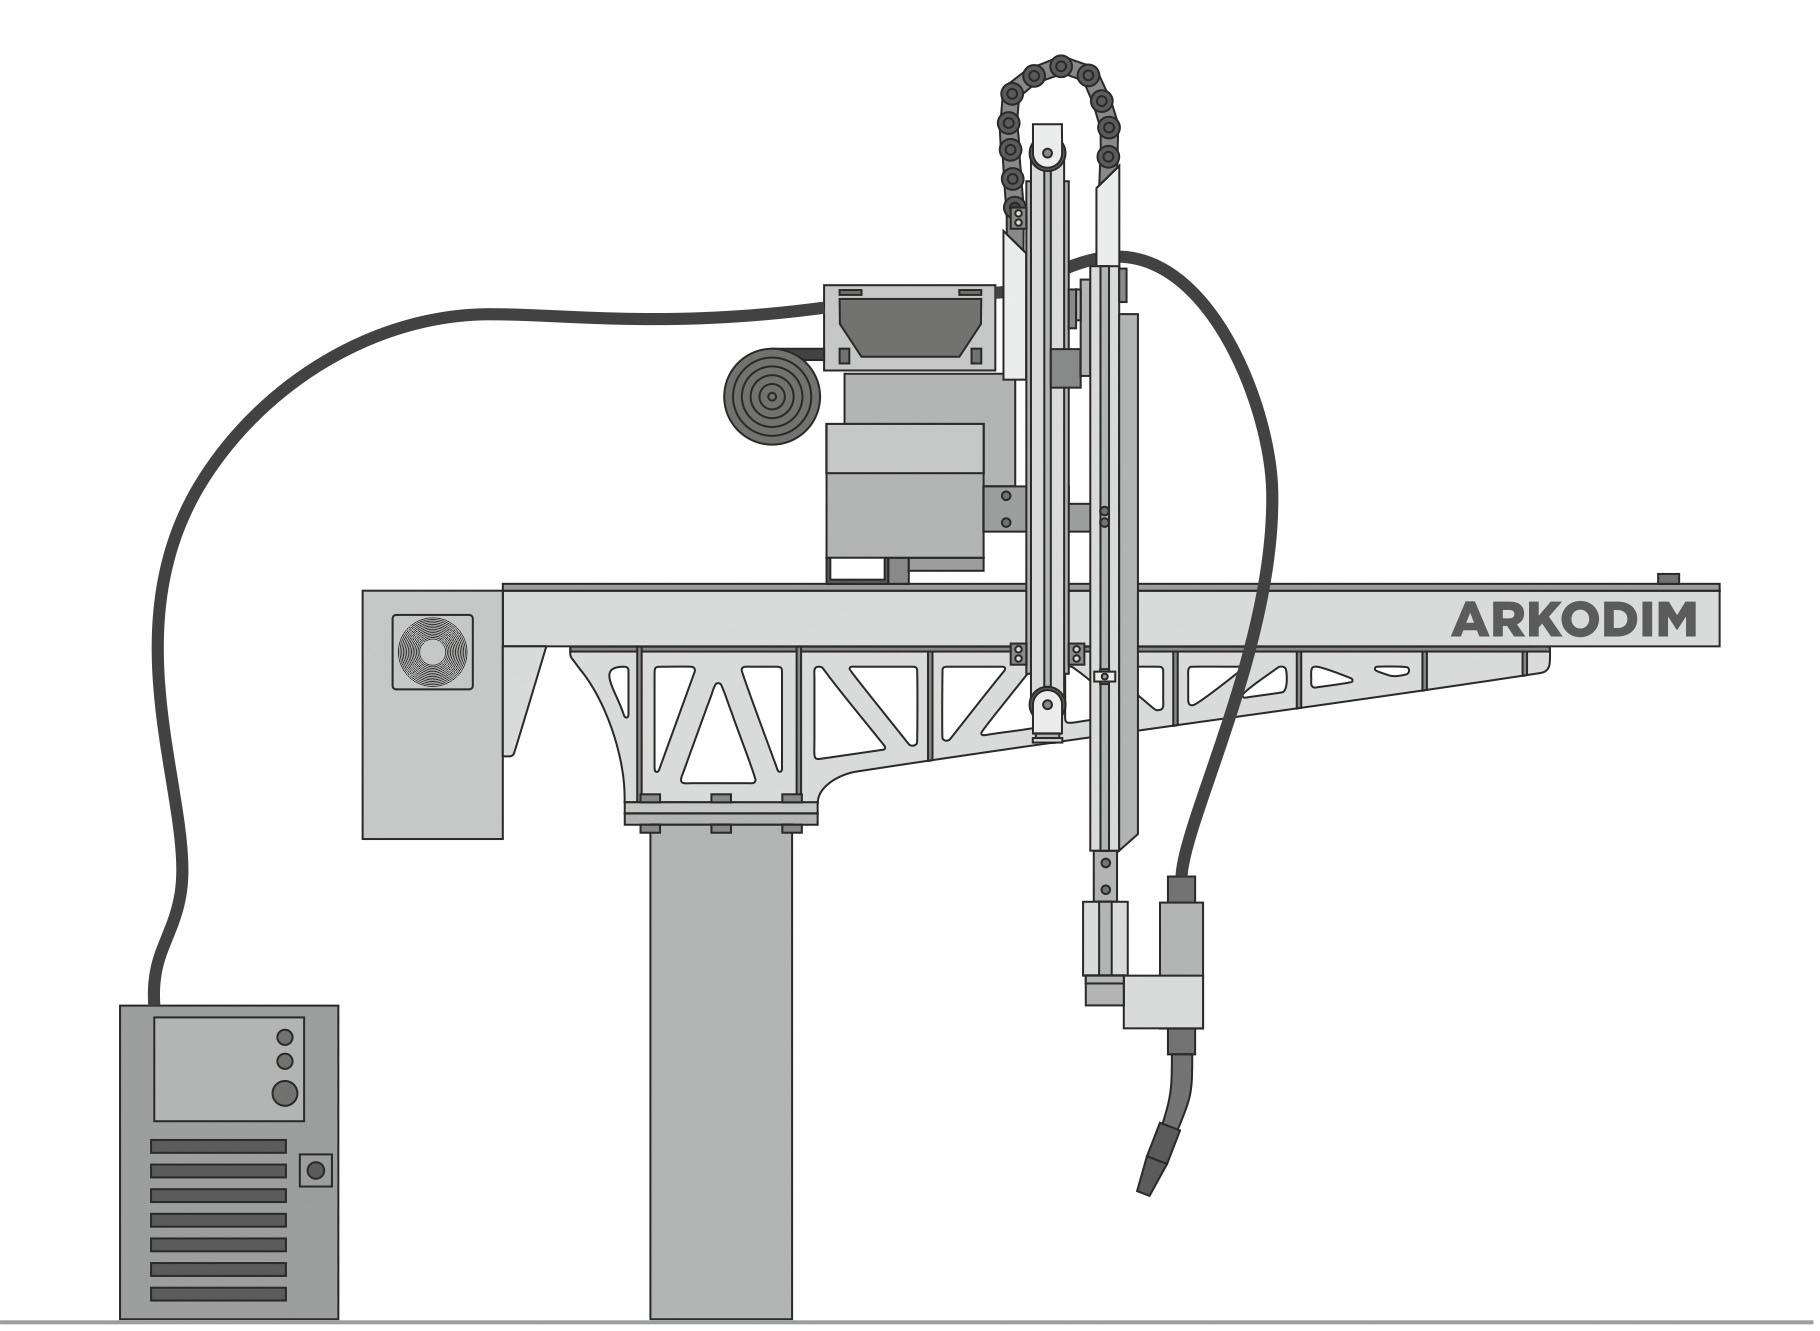 Рис. 4. Робот ARKODIM для сварки